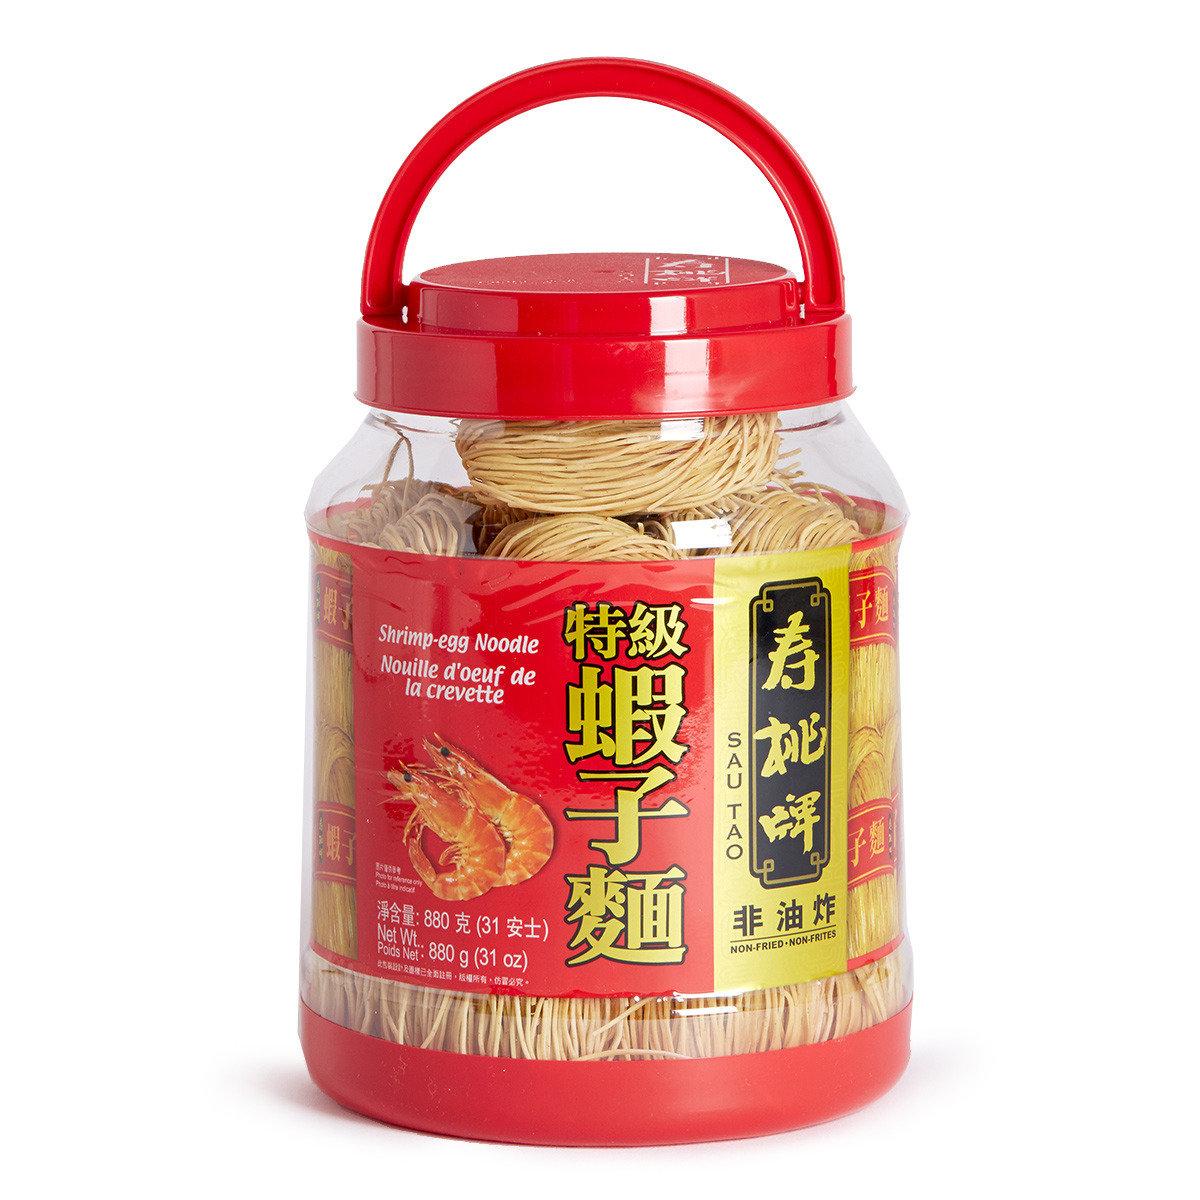 懷舊桶裝特級蝦子麵